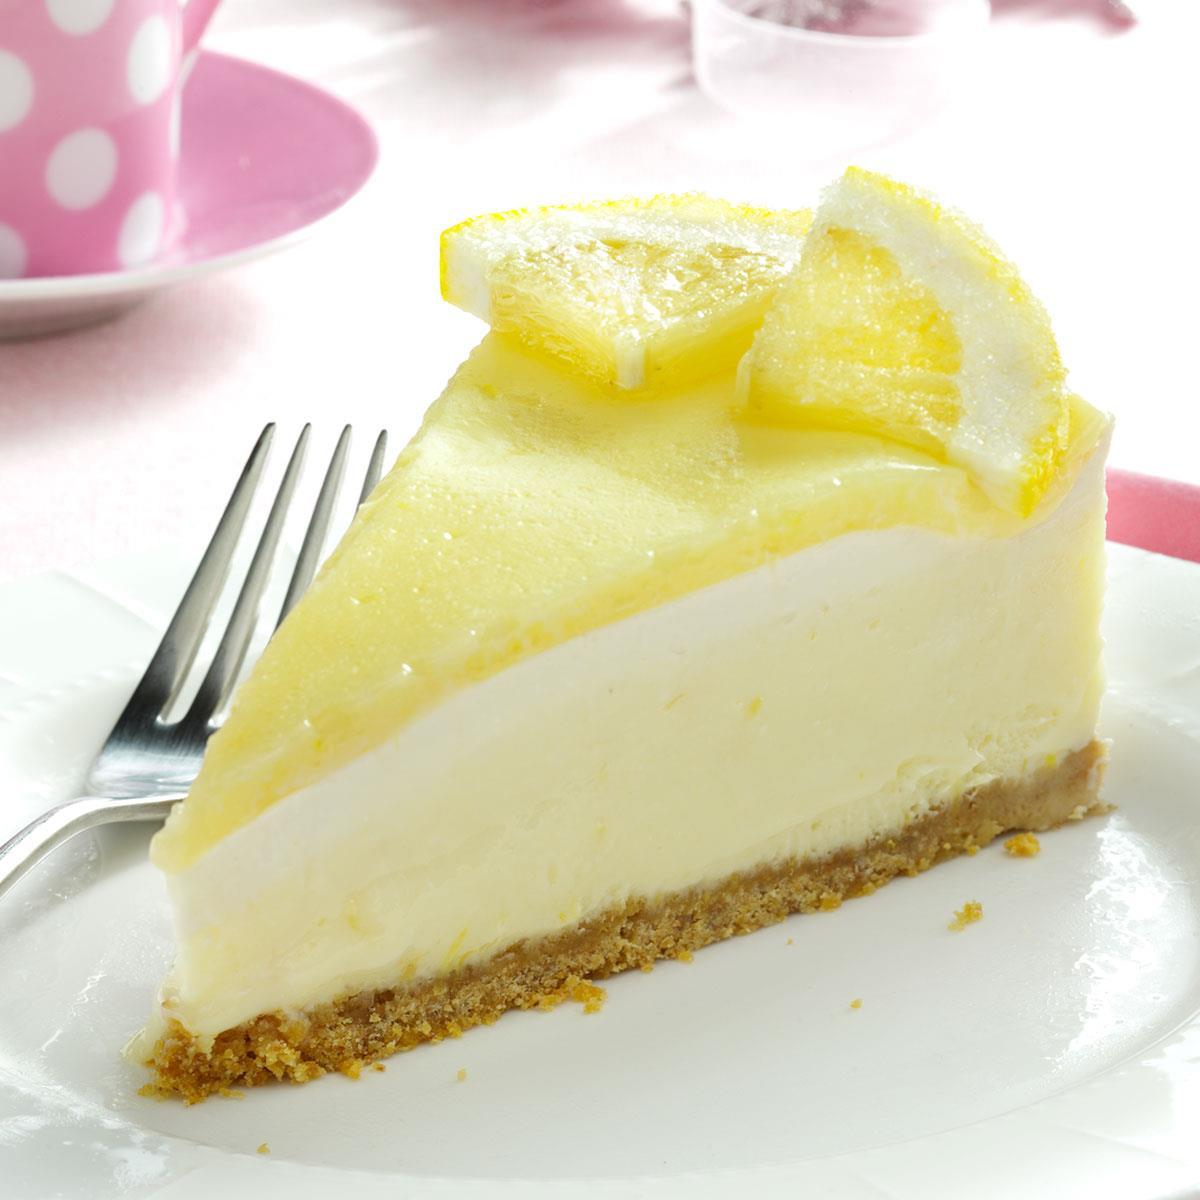 Easy Recipe For A Lemon Cake